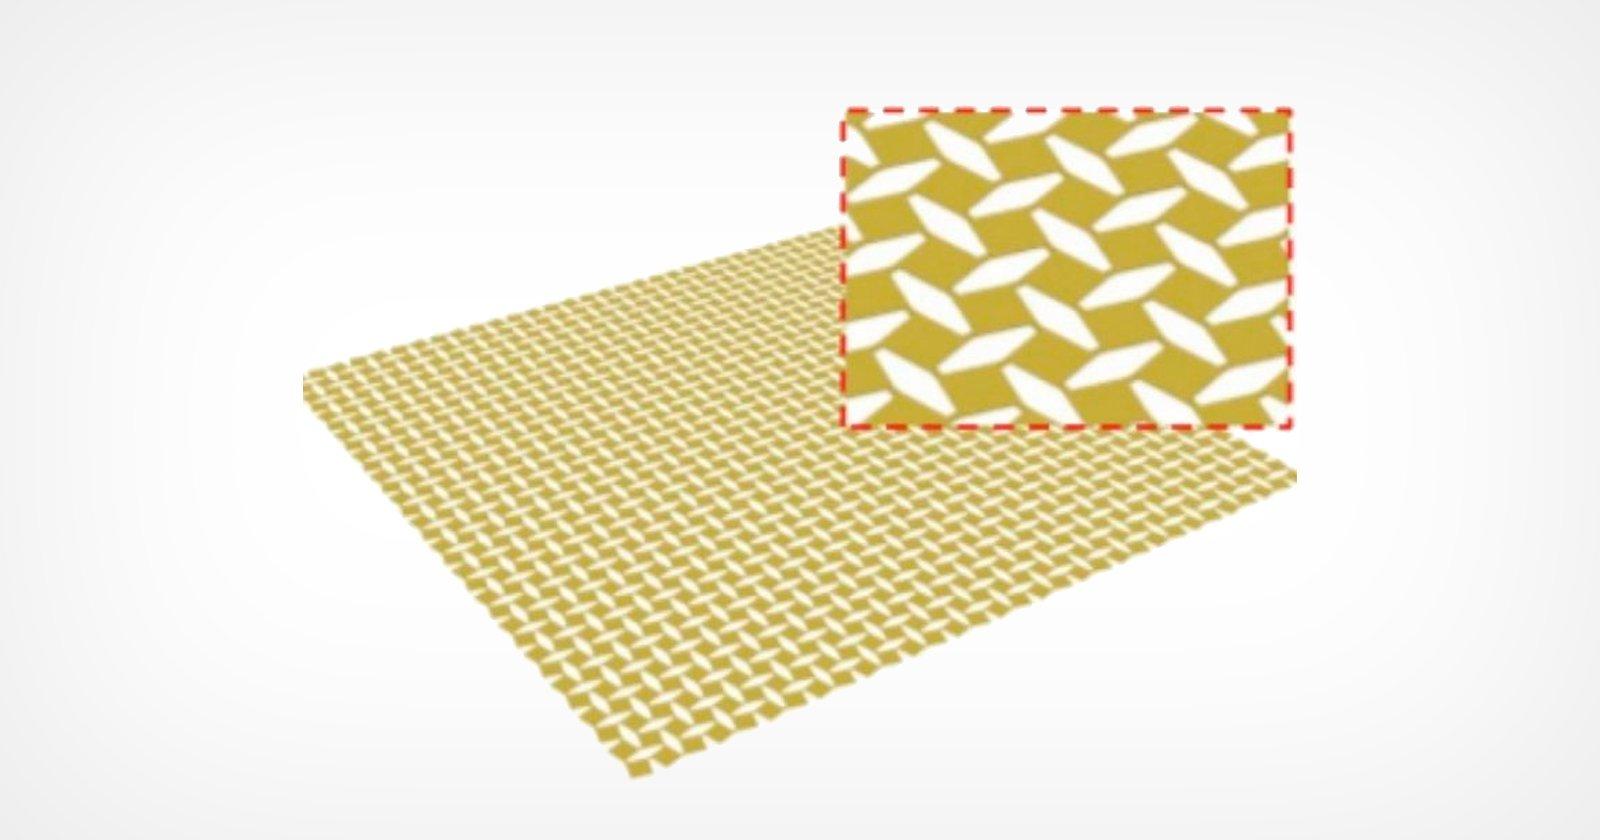 Ingegnere sviluppa un sensore di immagine simile a un bulbo oculare basato sull'arte di Kirigami